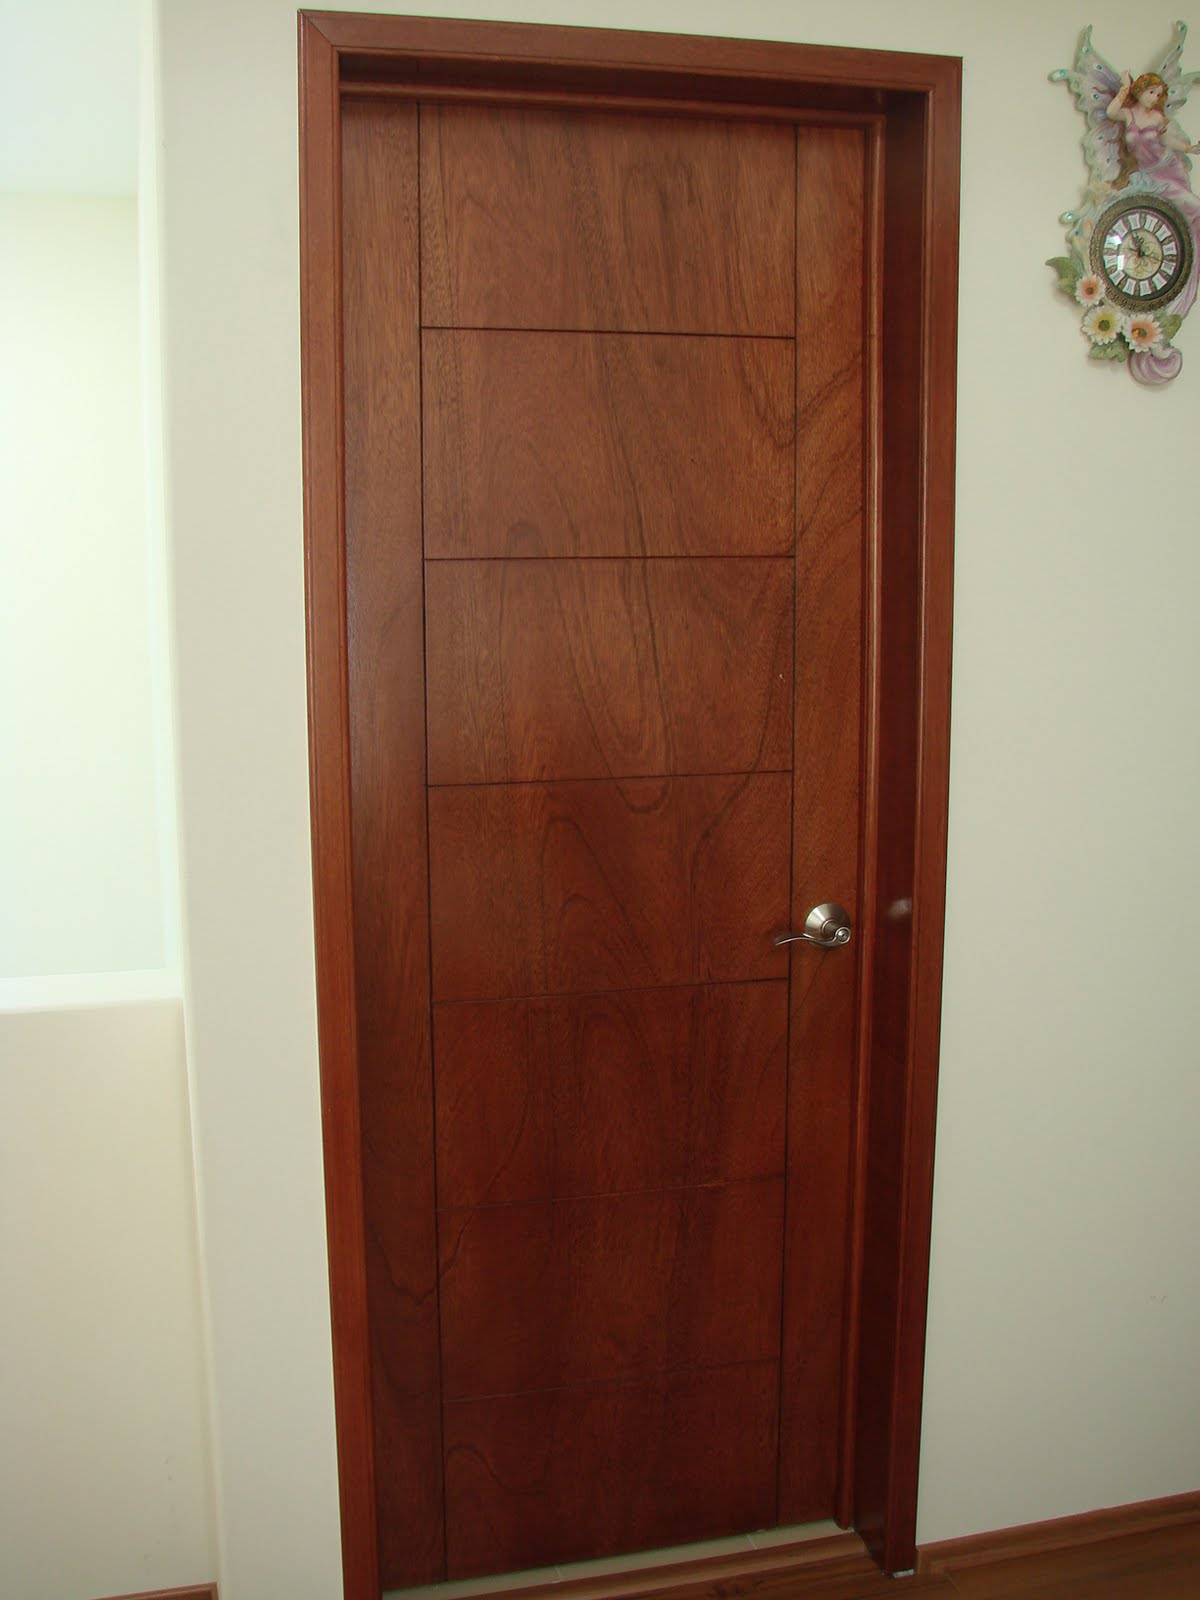 Cocinas integrales vestidores closets etc puertas en for Puertas de madera para dormitorios